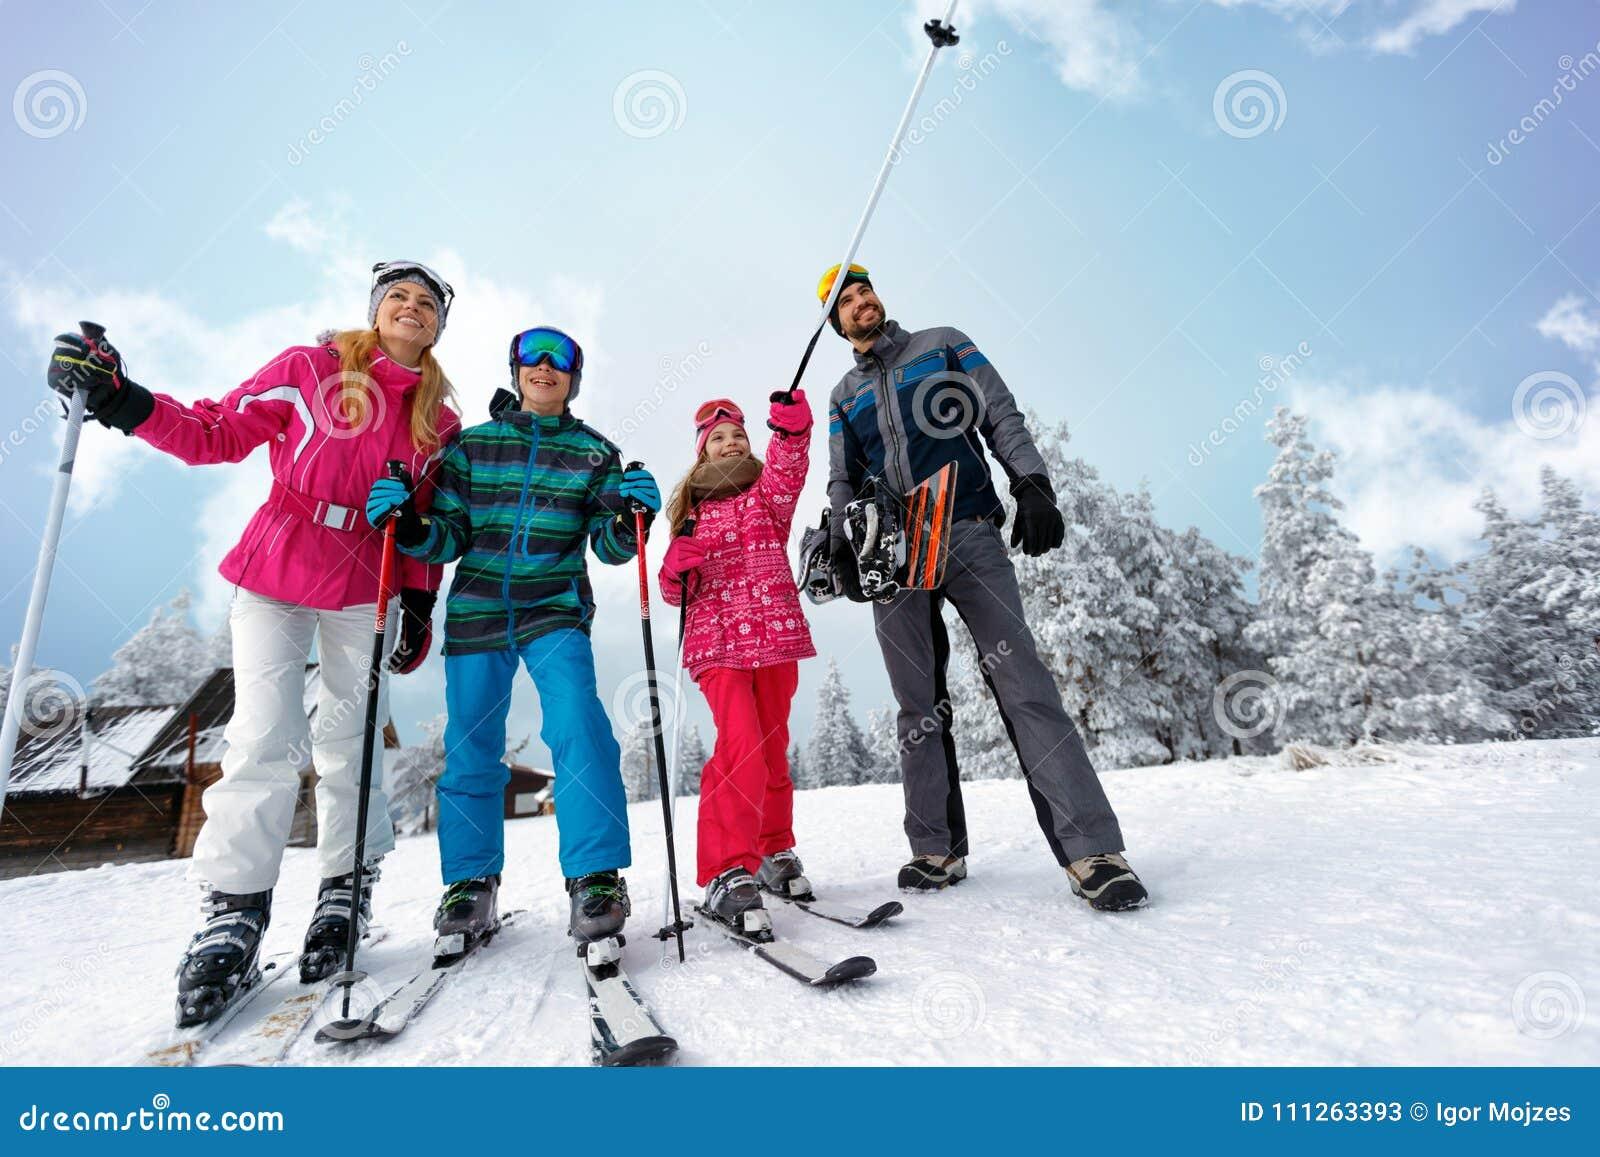 Familiensportskifahren und Snowboardingzeit am sonnigen Tag